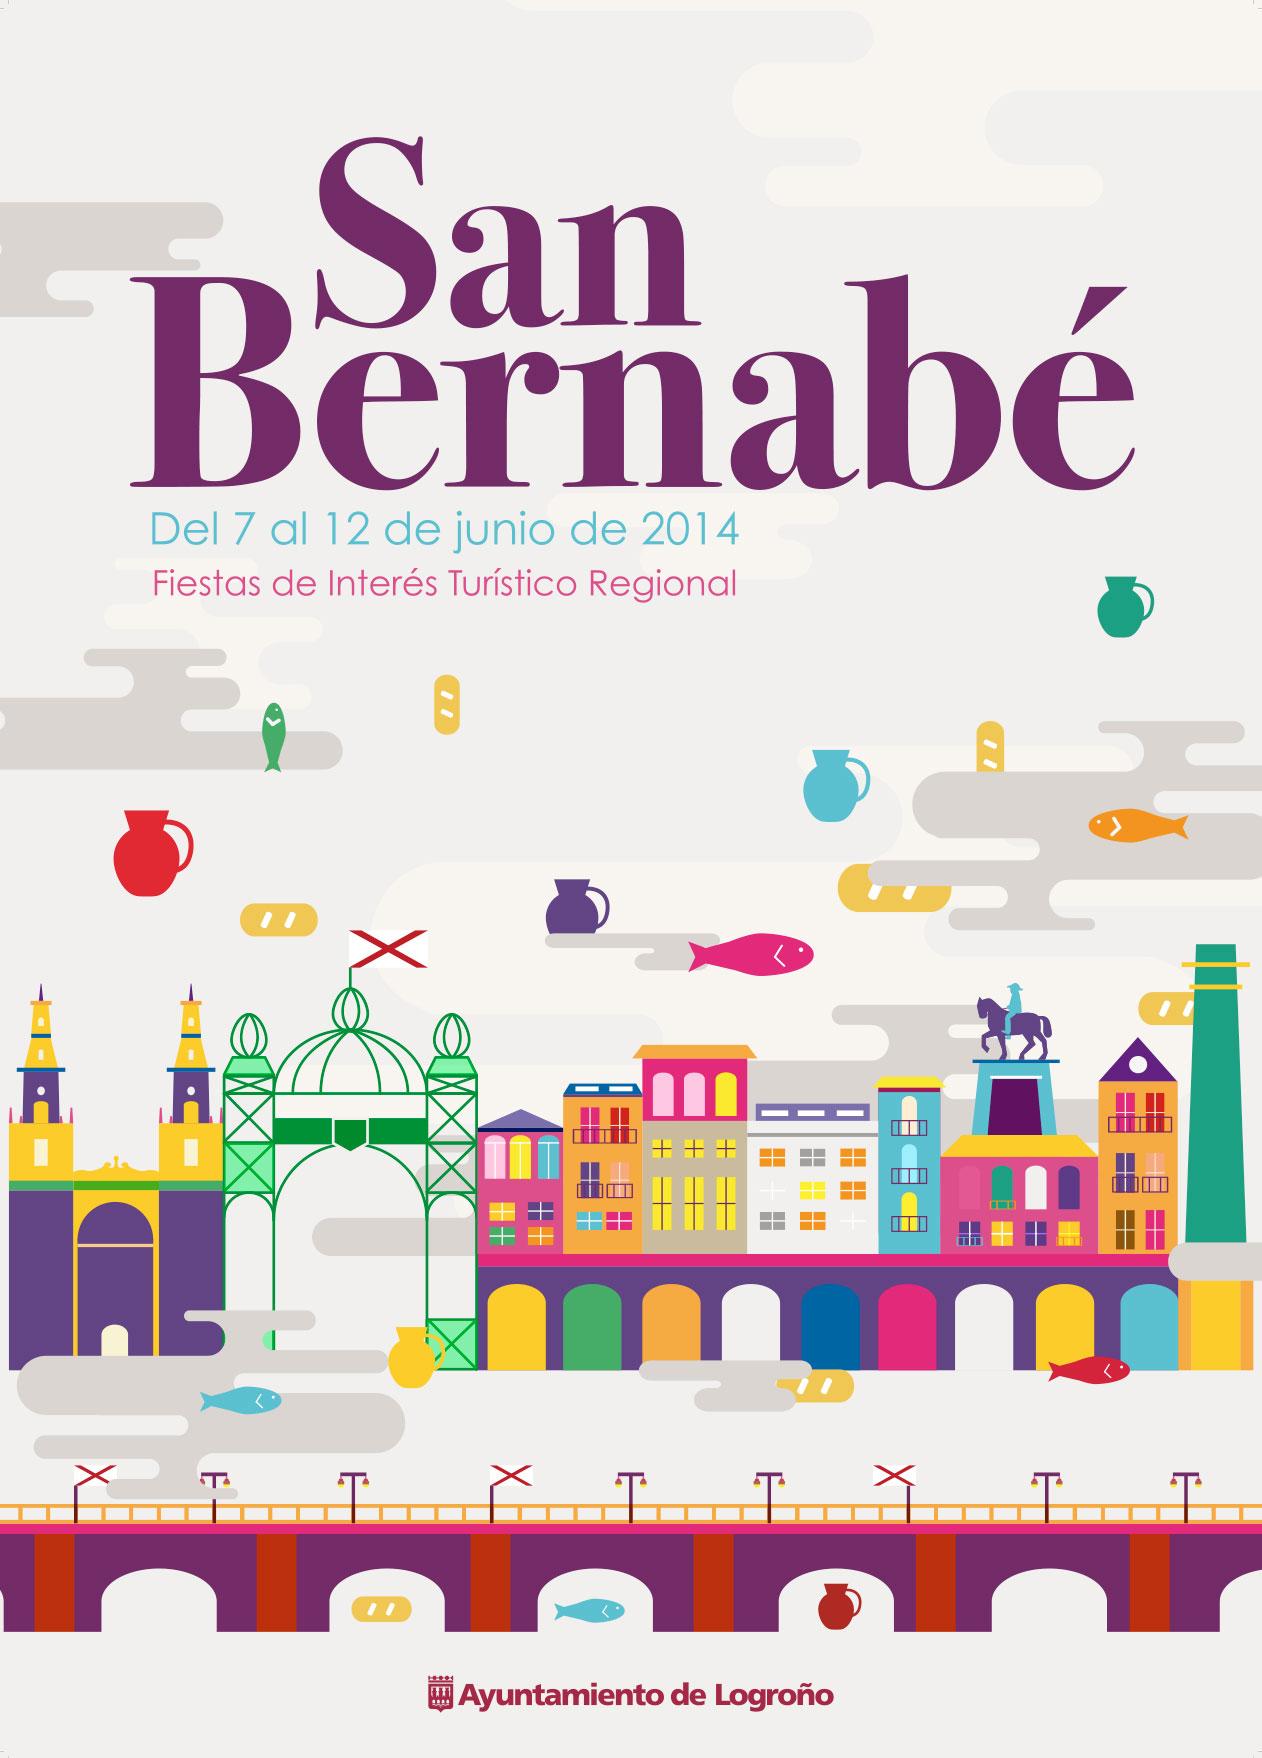 Álvaro Jaimes, alumno de 3º de Diseño Gráfico, autor del cartel de San Bernabé 2014